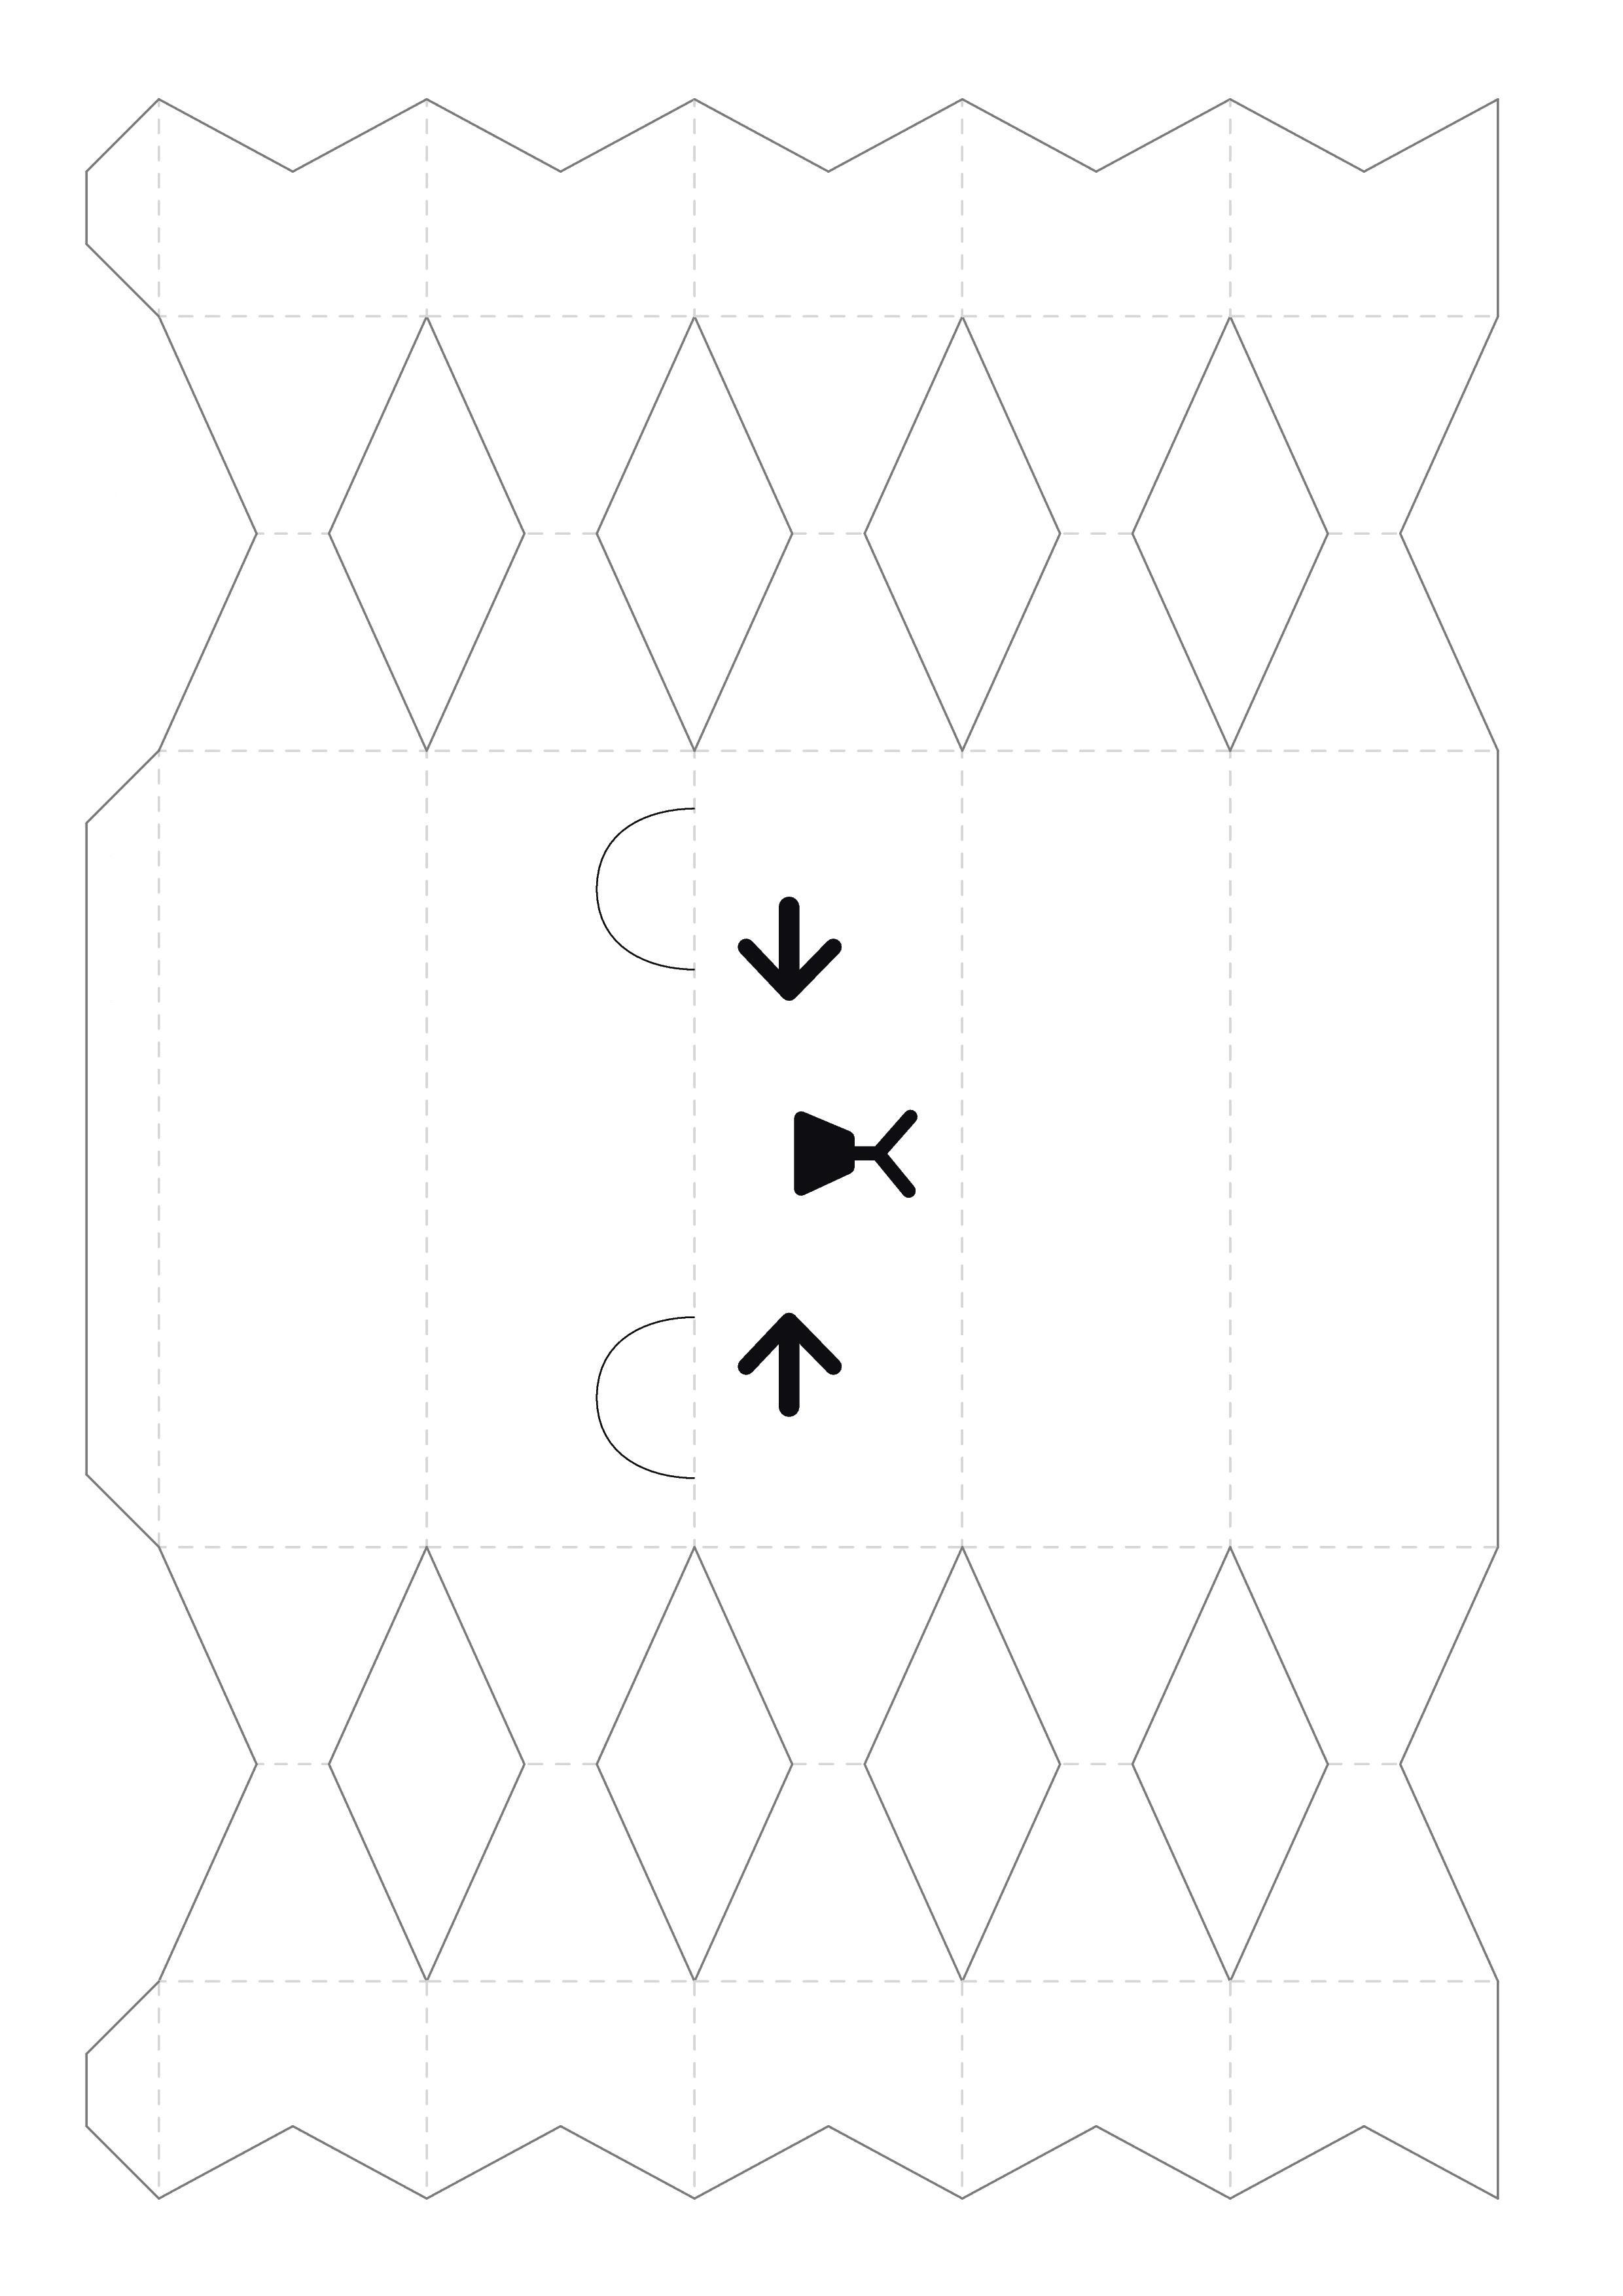 Конфеты из бумаги своими руками схемы 28